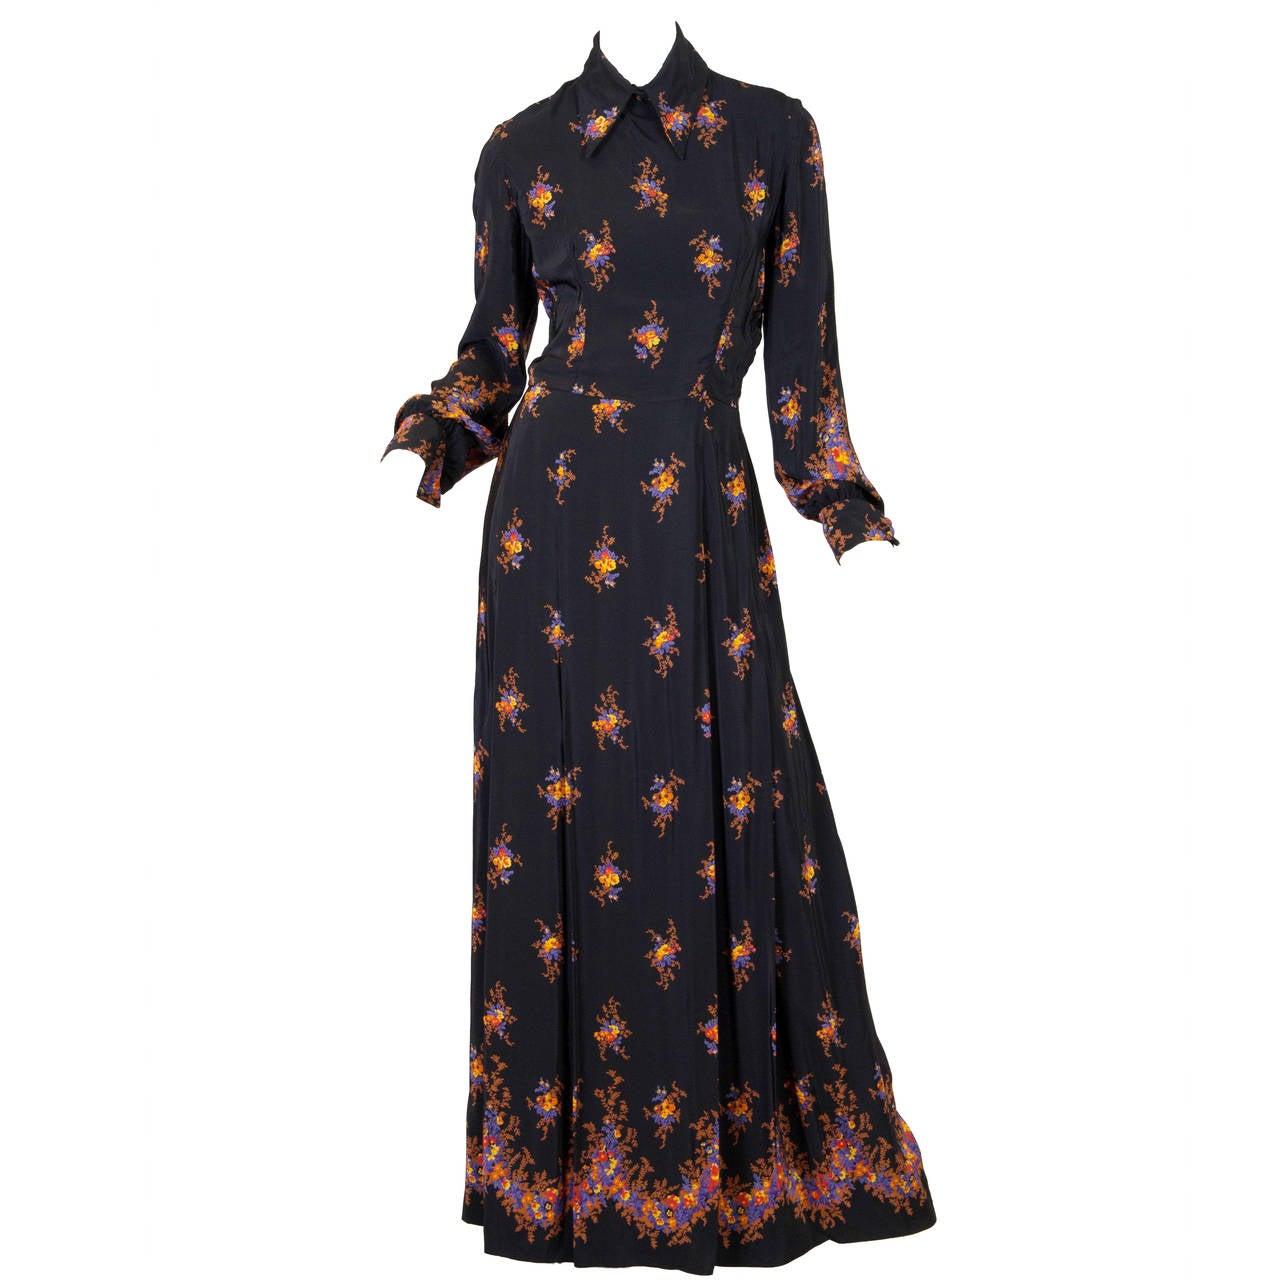 Valentino 1970s Nouveau Victorian Floral Dress 1